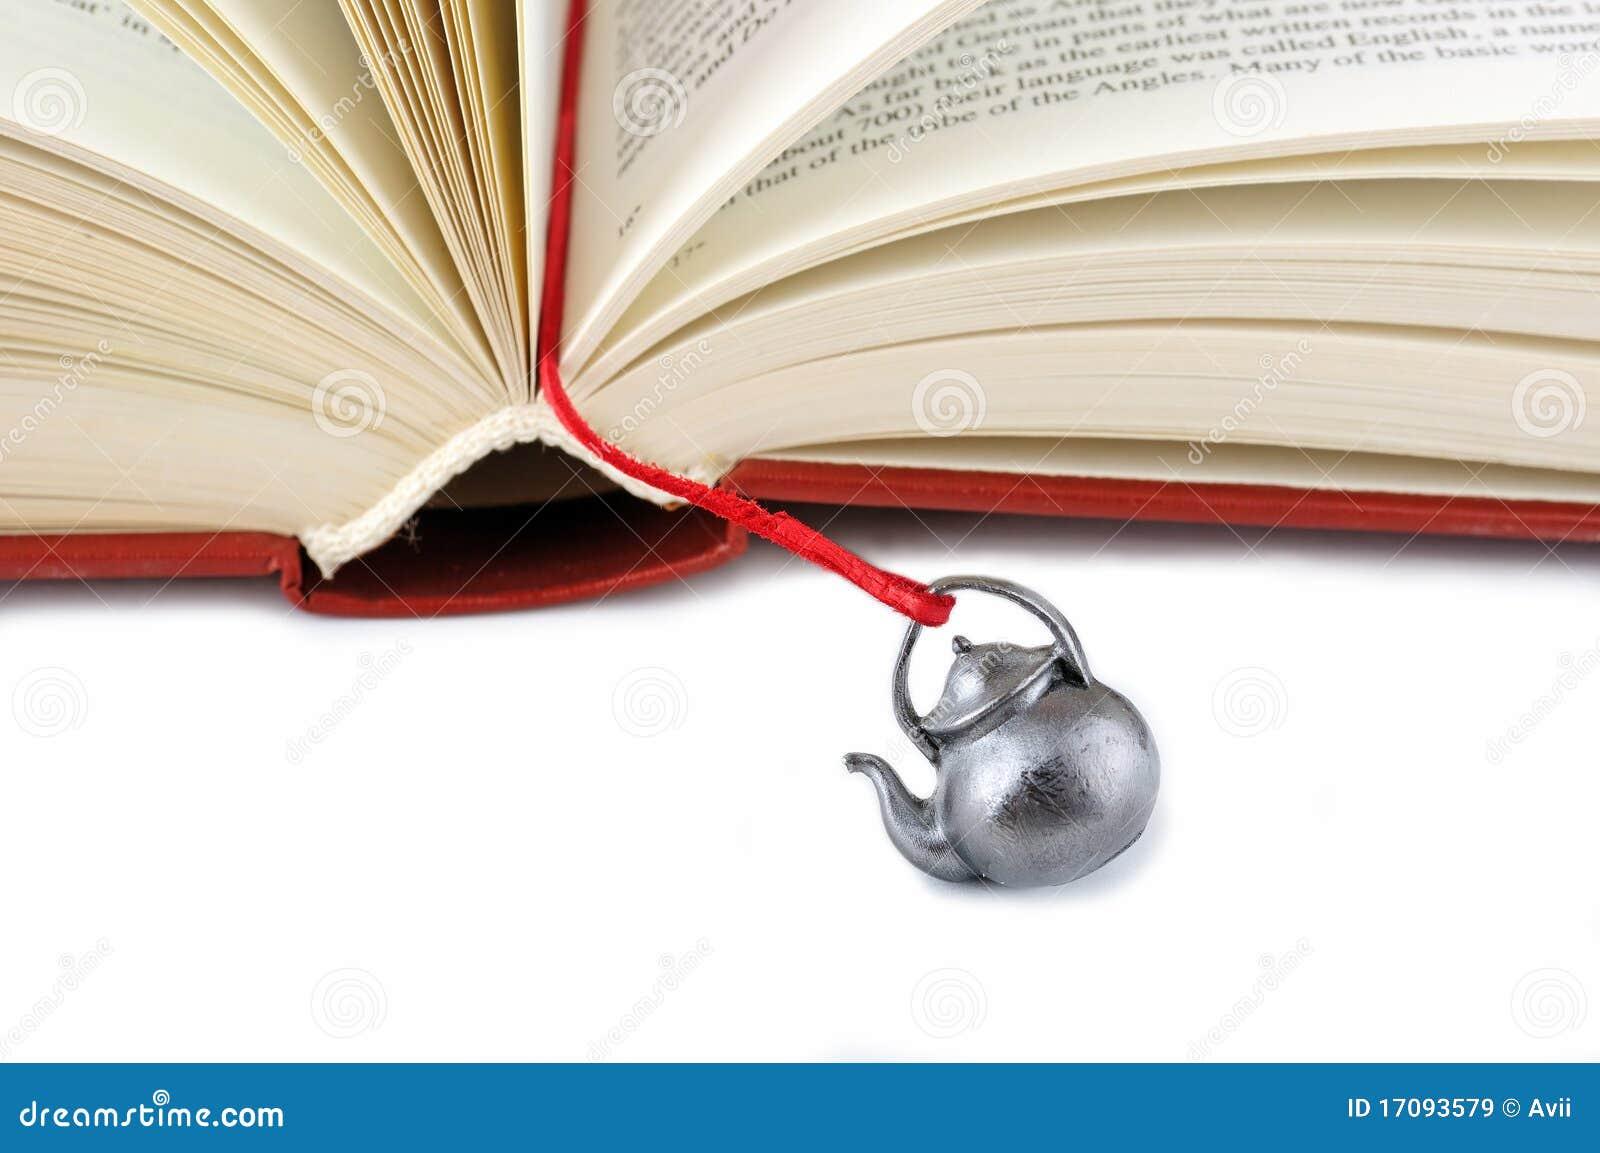 Öffnen Sie Buch mit einem handgemachten Bookmark